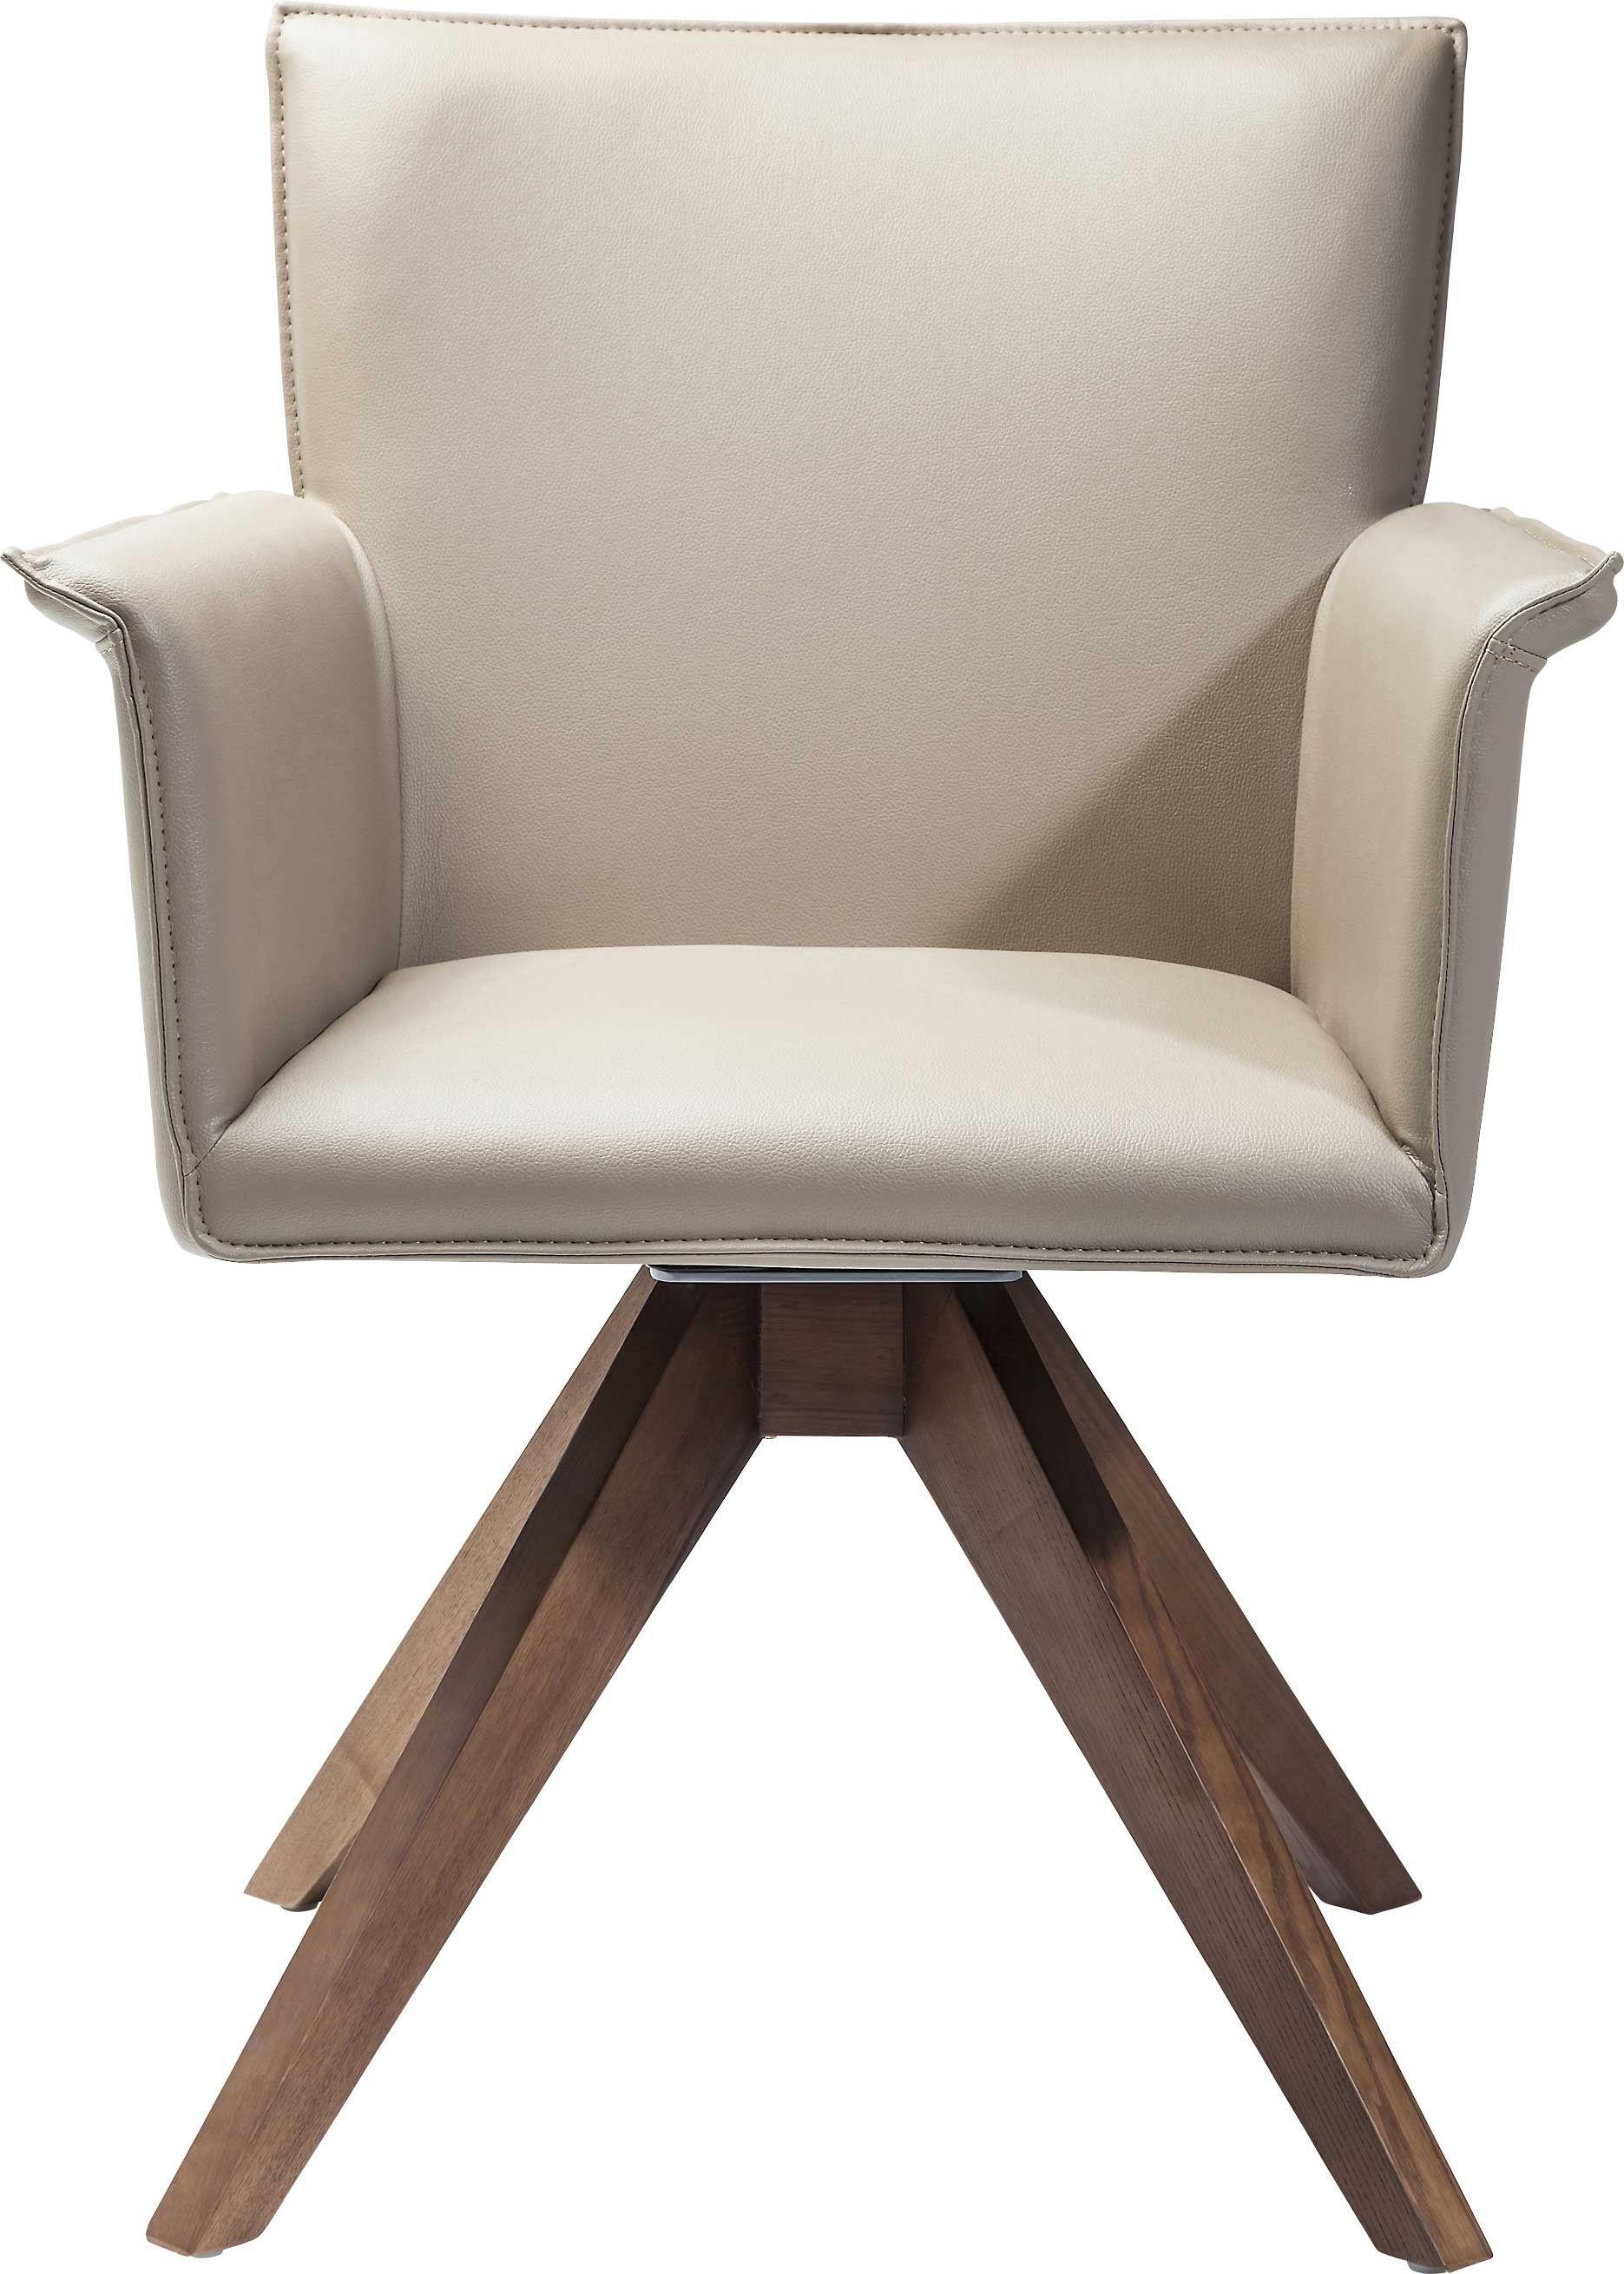 Möbel -Drehstuhl Foxy - versandkostenfrei jetzt bei KARE.de